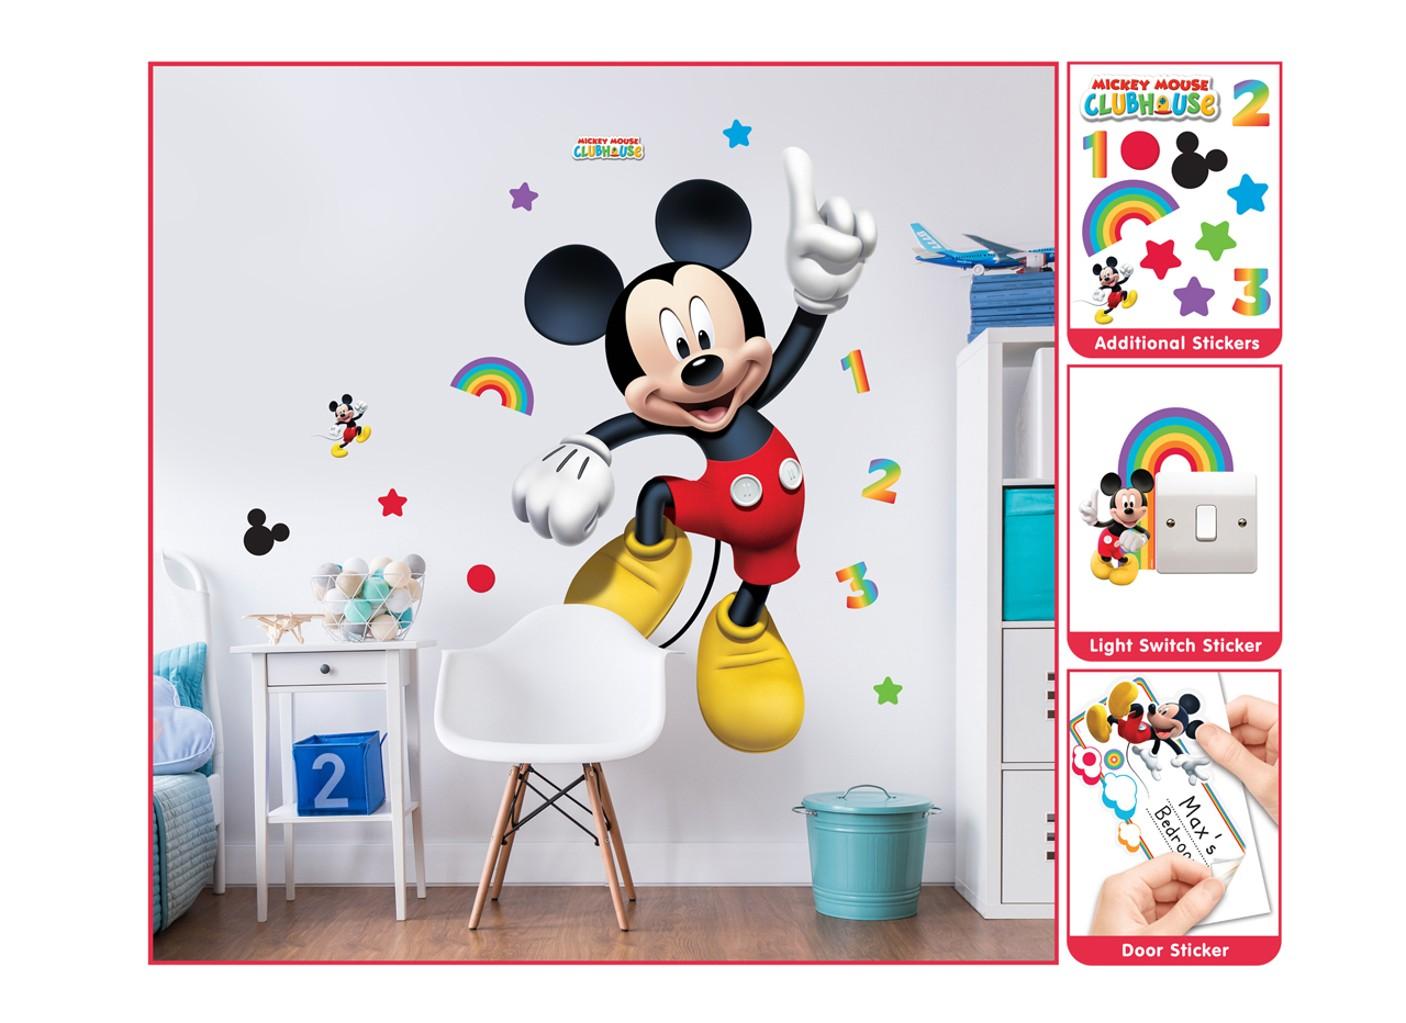 Samolepicí dekorace Walltastic Mickey 44326 (Sada samolepek do dětského pokoje)